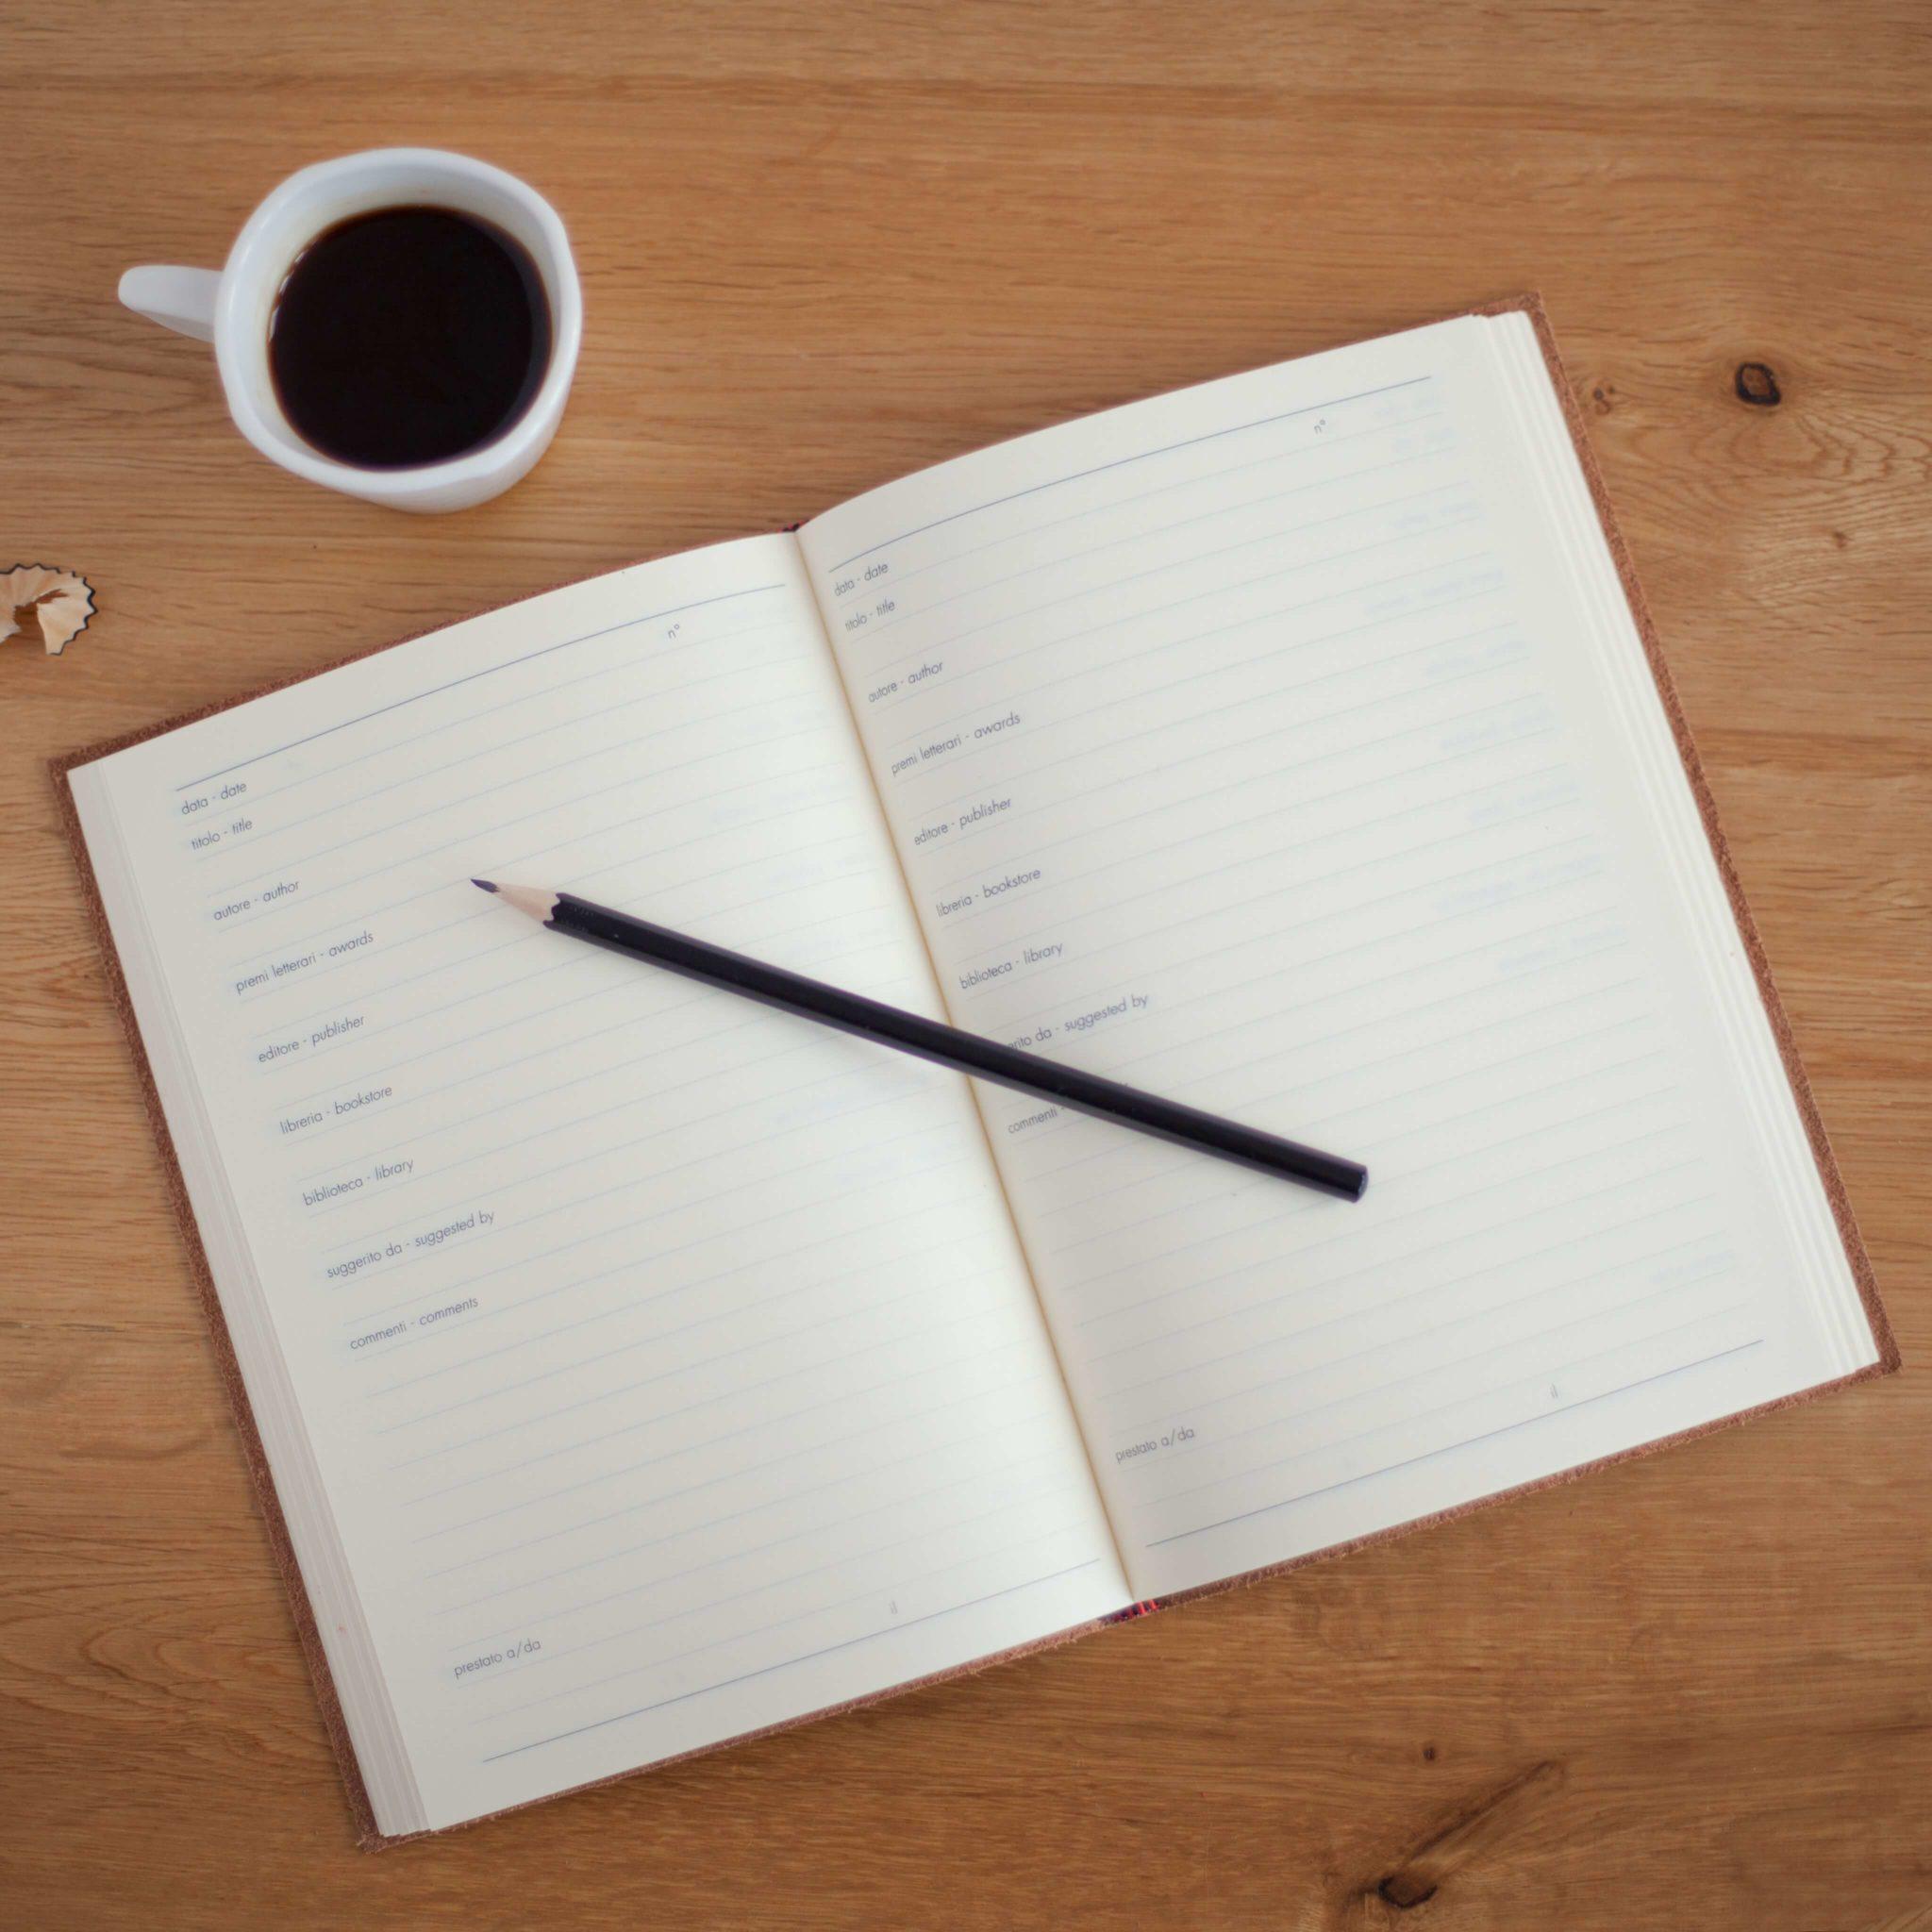 notatki, kontrolowanie wyników, wyniki, cele, osiąganie celów, monitorowanie, progres, dziennik